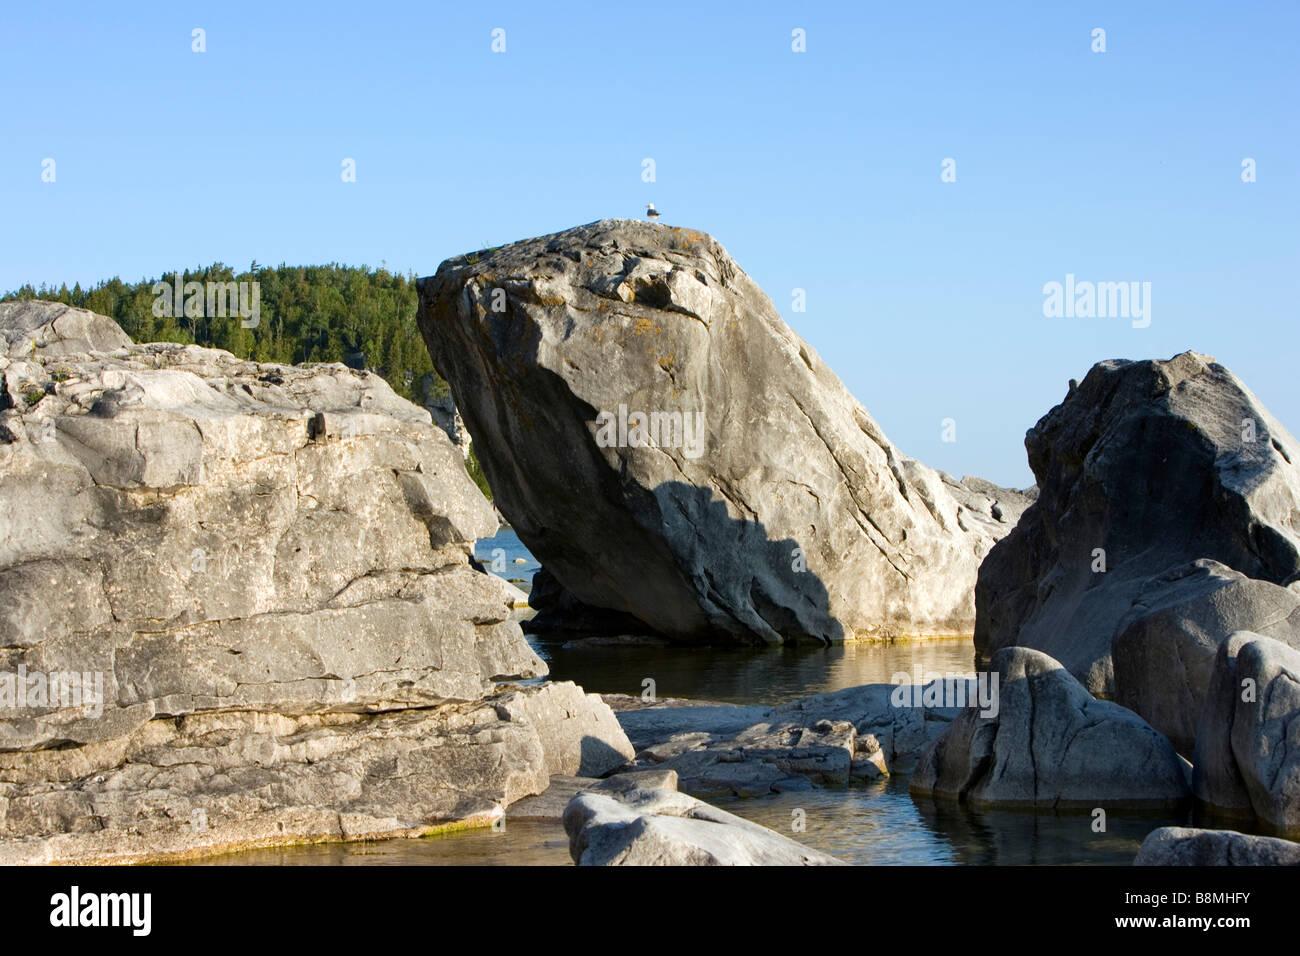 North America Canada Ontario Georgian Bay Bruce Peninsula National Park Halfway Log Dump boulders in water - Stock Image